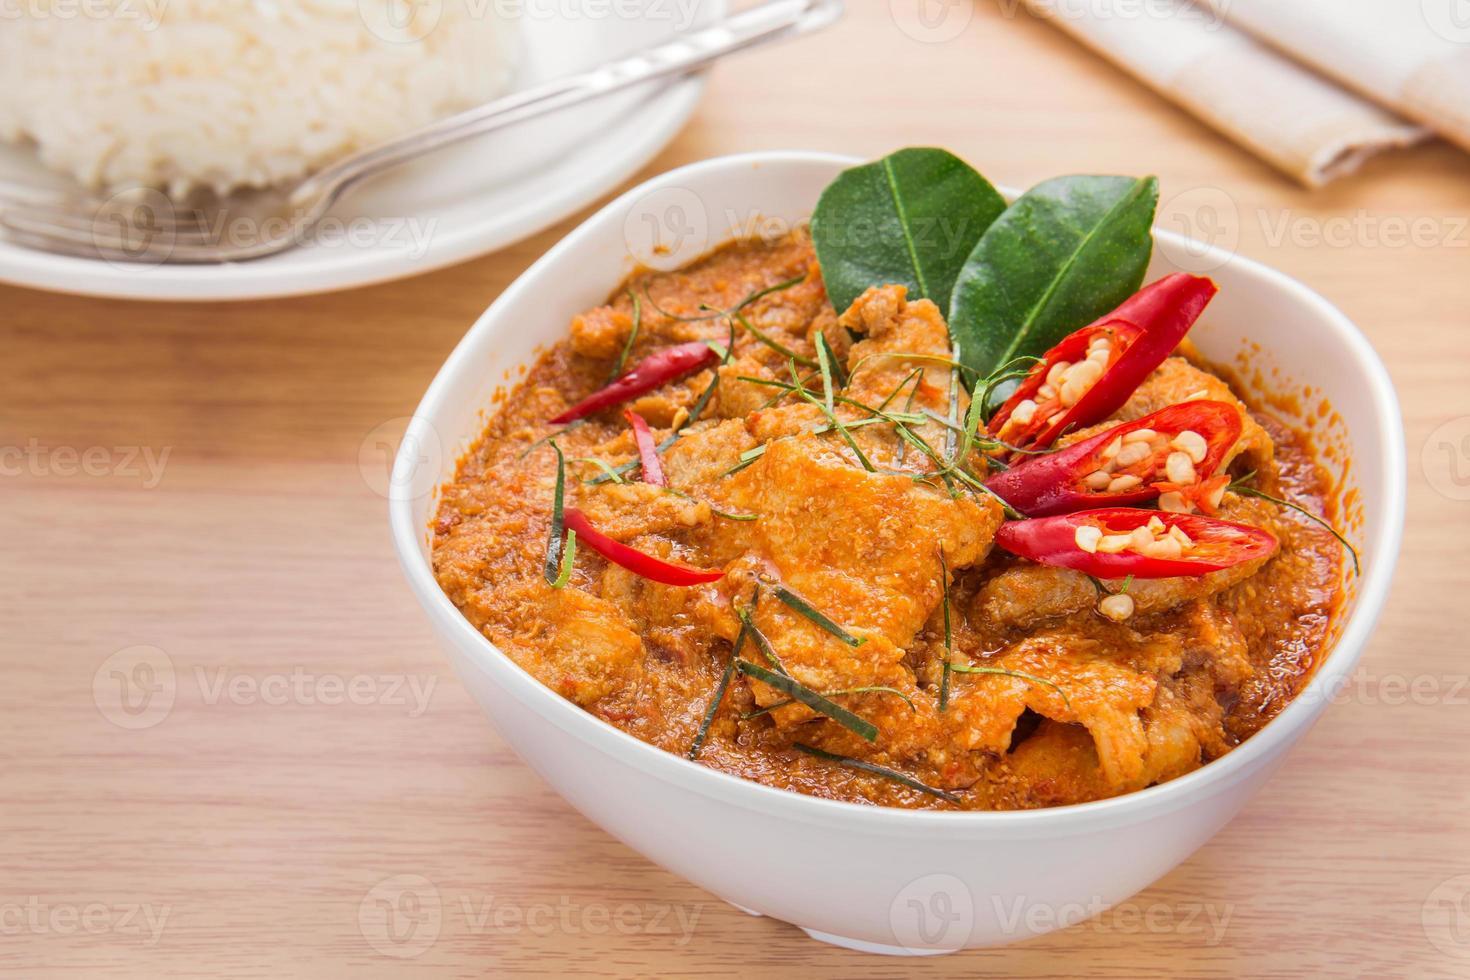 caril vermelho com carne de porco e arroz (panaeng), comida tailandesa foto